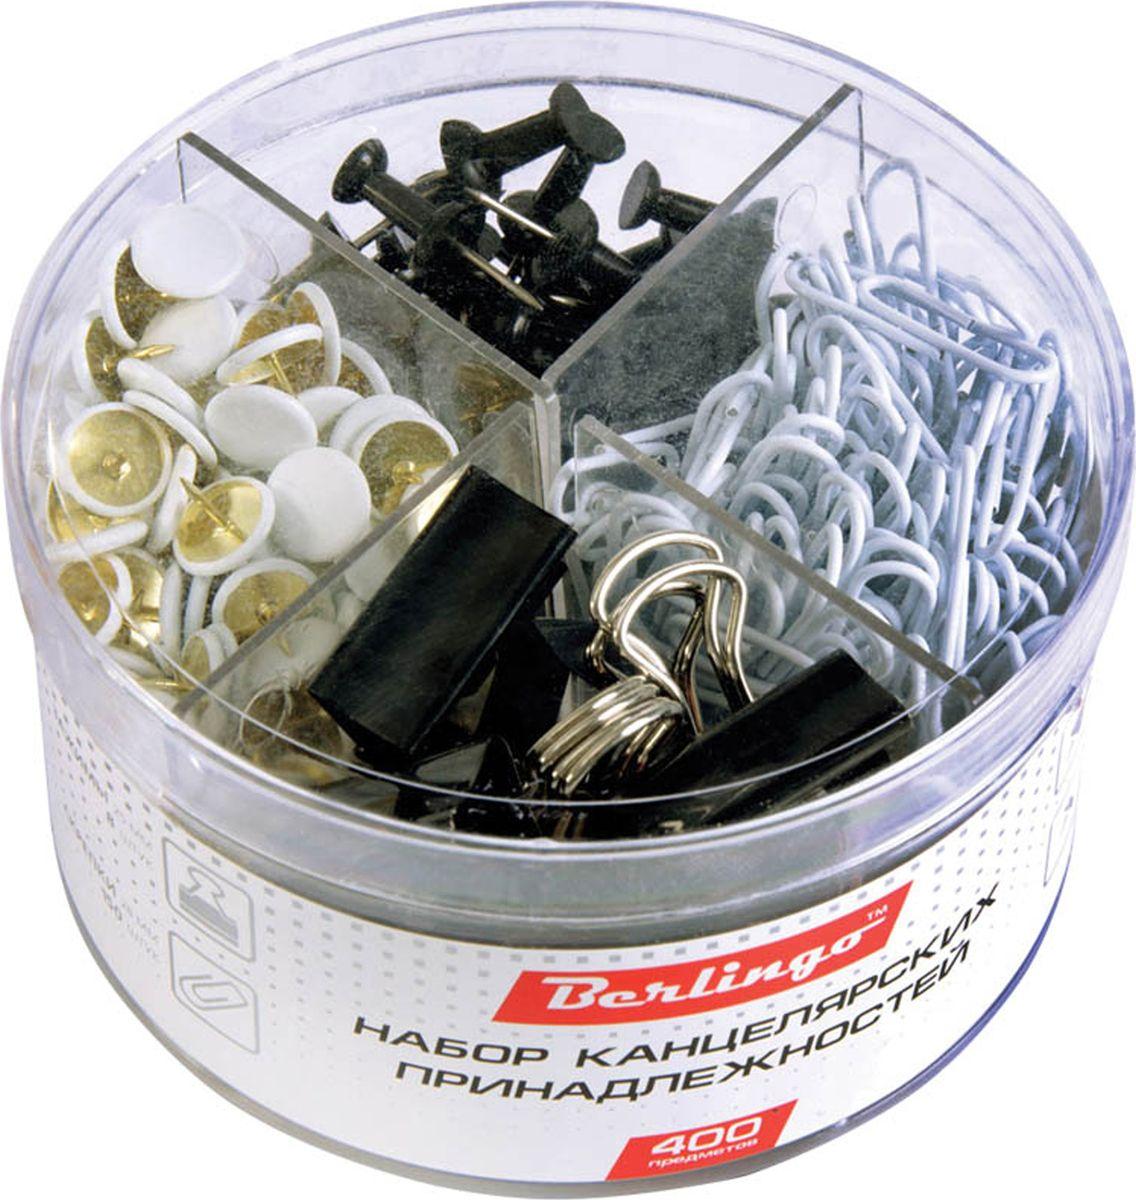 Berlingo Набор офисных принадлежностей 400 штPP-103Набор офисных принадлежностей Berlingo включает в себя: зажимы 25 мм (8 штук), скрепки с виниловым покрытием 28 мм (150 штук), кнопки канцелярские ( 190 штук),силовые кнопки (52 штуки). Упаковка - пластиковый цилиндр с отделениями для каждого вида товара.